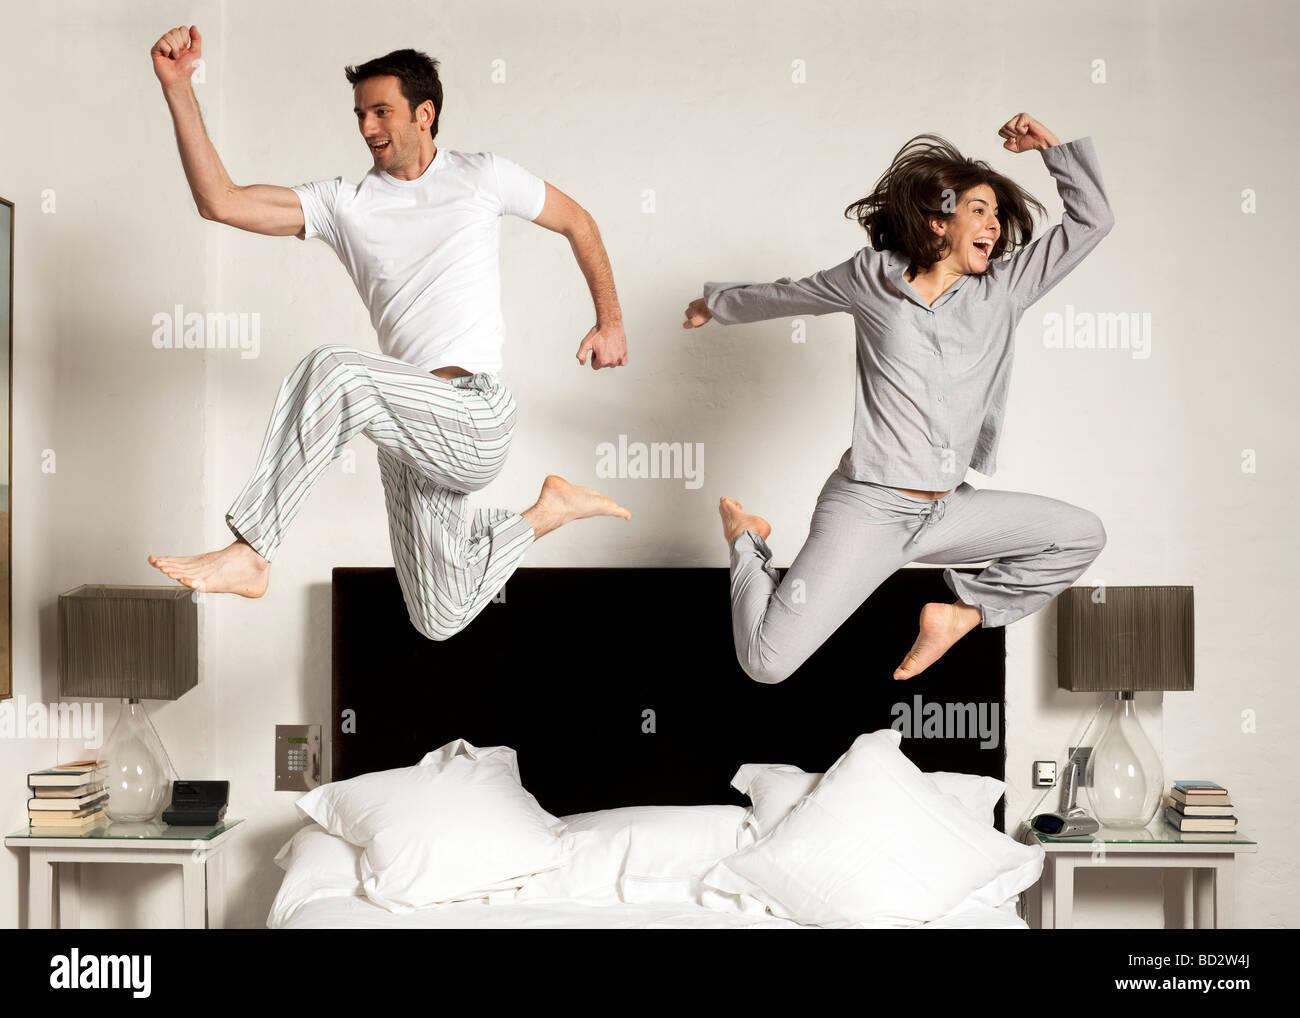 Par saltando fuera de la cama Imagen De Stock